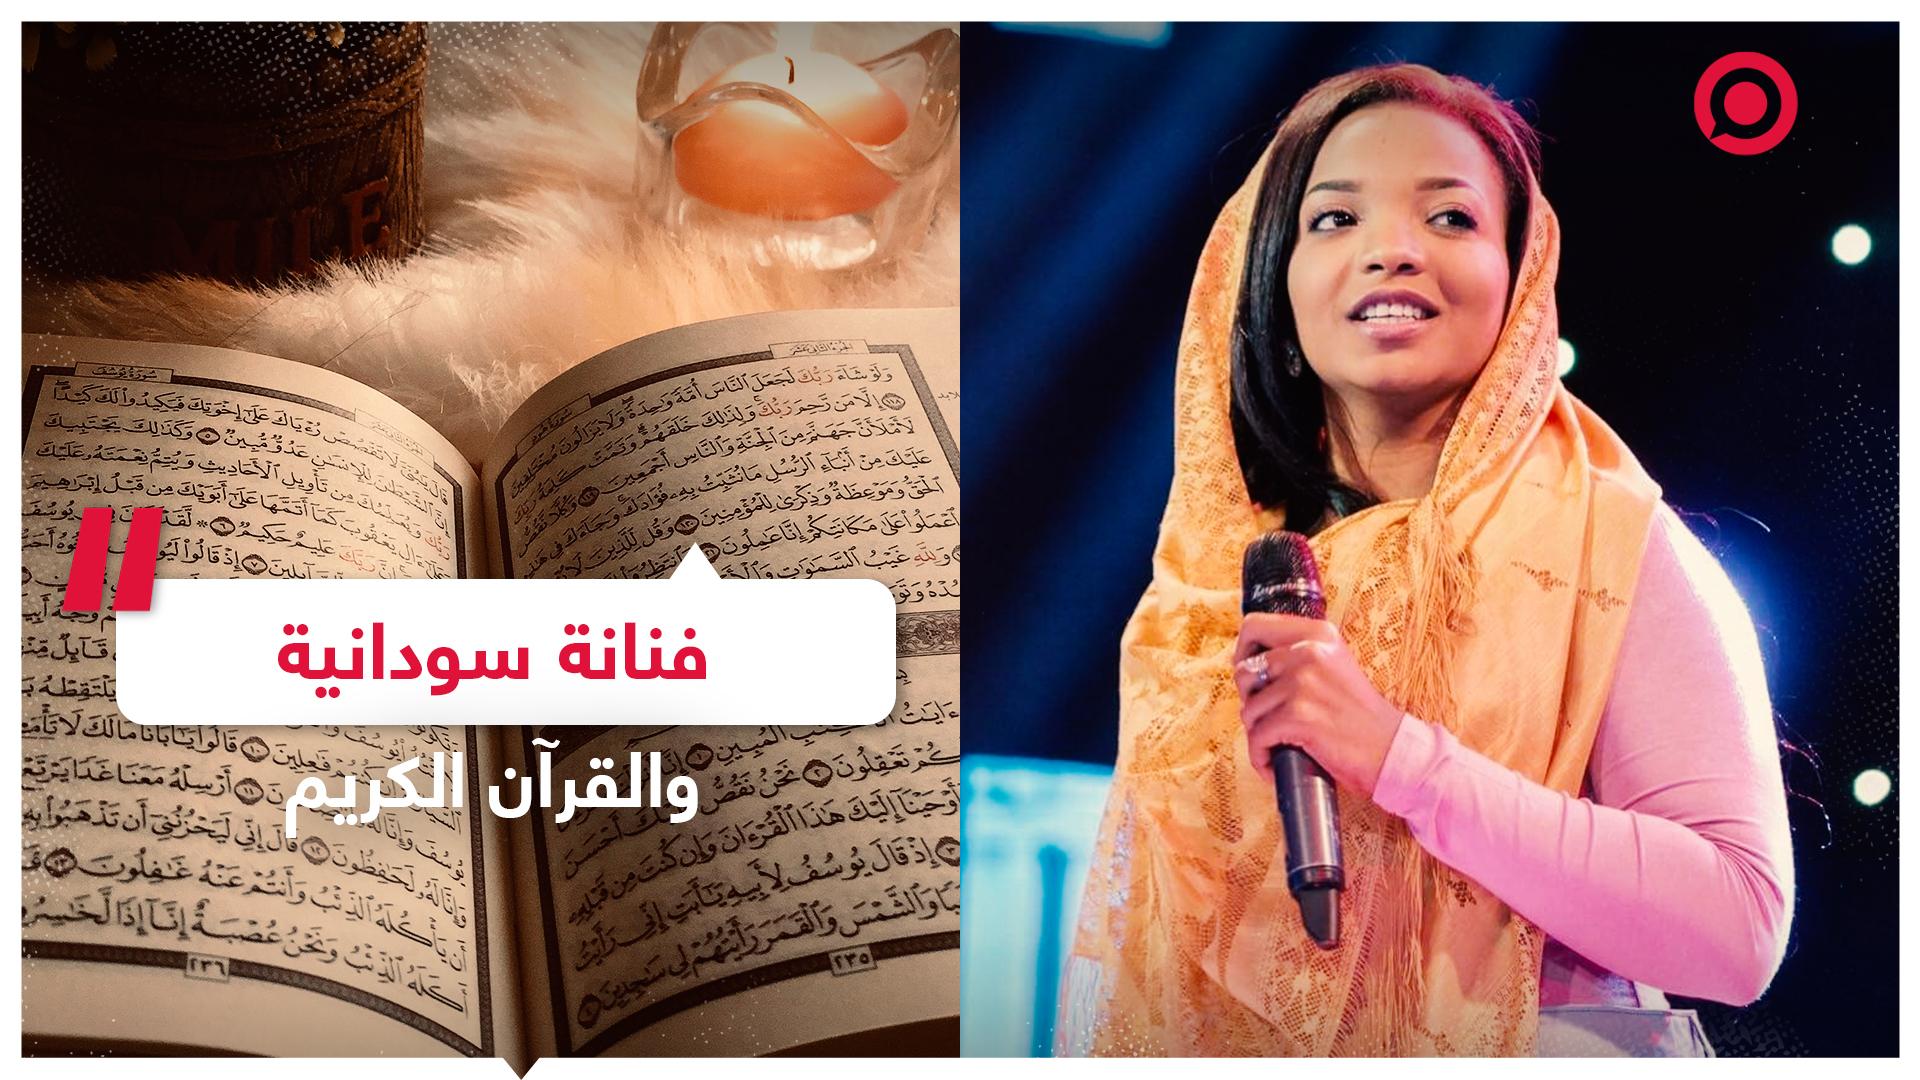 #السودان #فنانة #قرآن